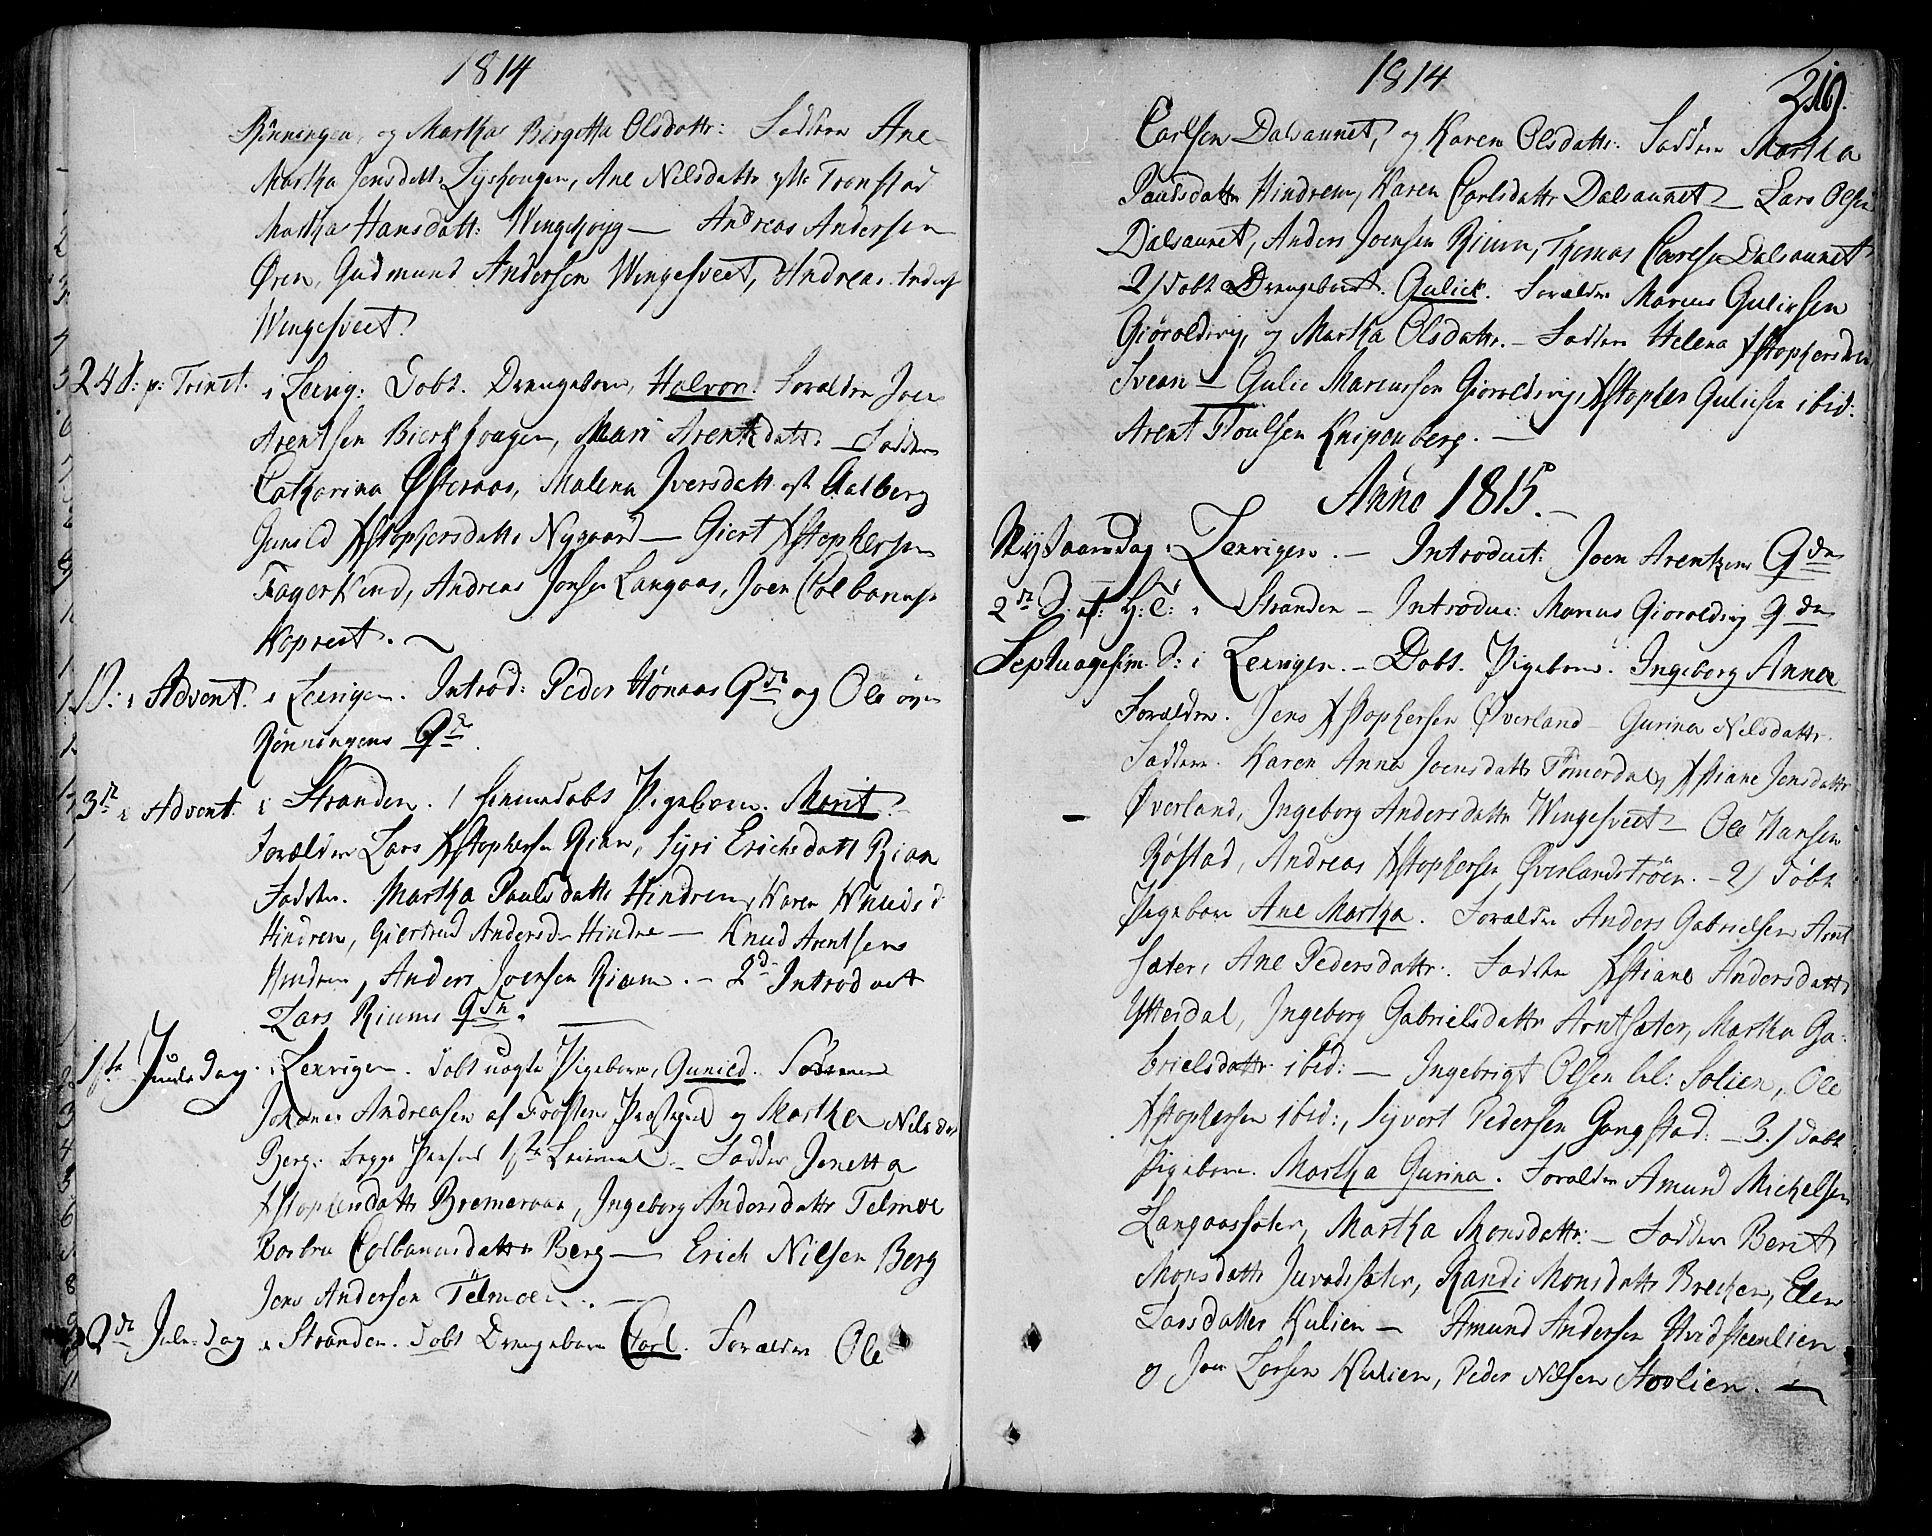 SAT, Ministerialprotokoller, klokkerbøker og fødselsregistre - Nord-Trøndelag, 701/L0004: Ministerialbok nr. 701A04, 1783-1816, s. 219